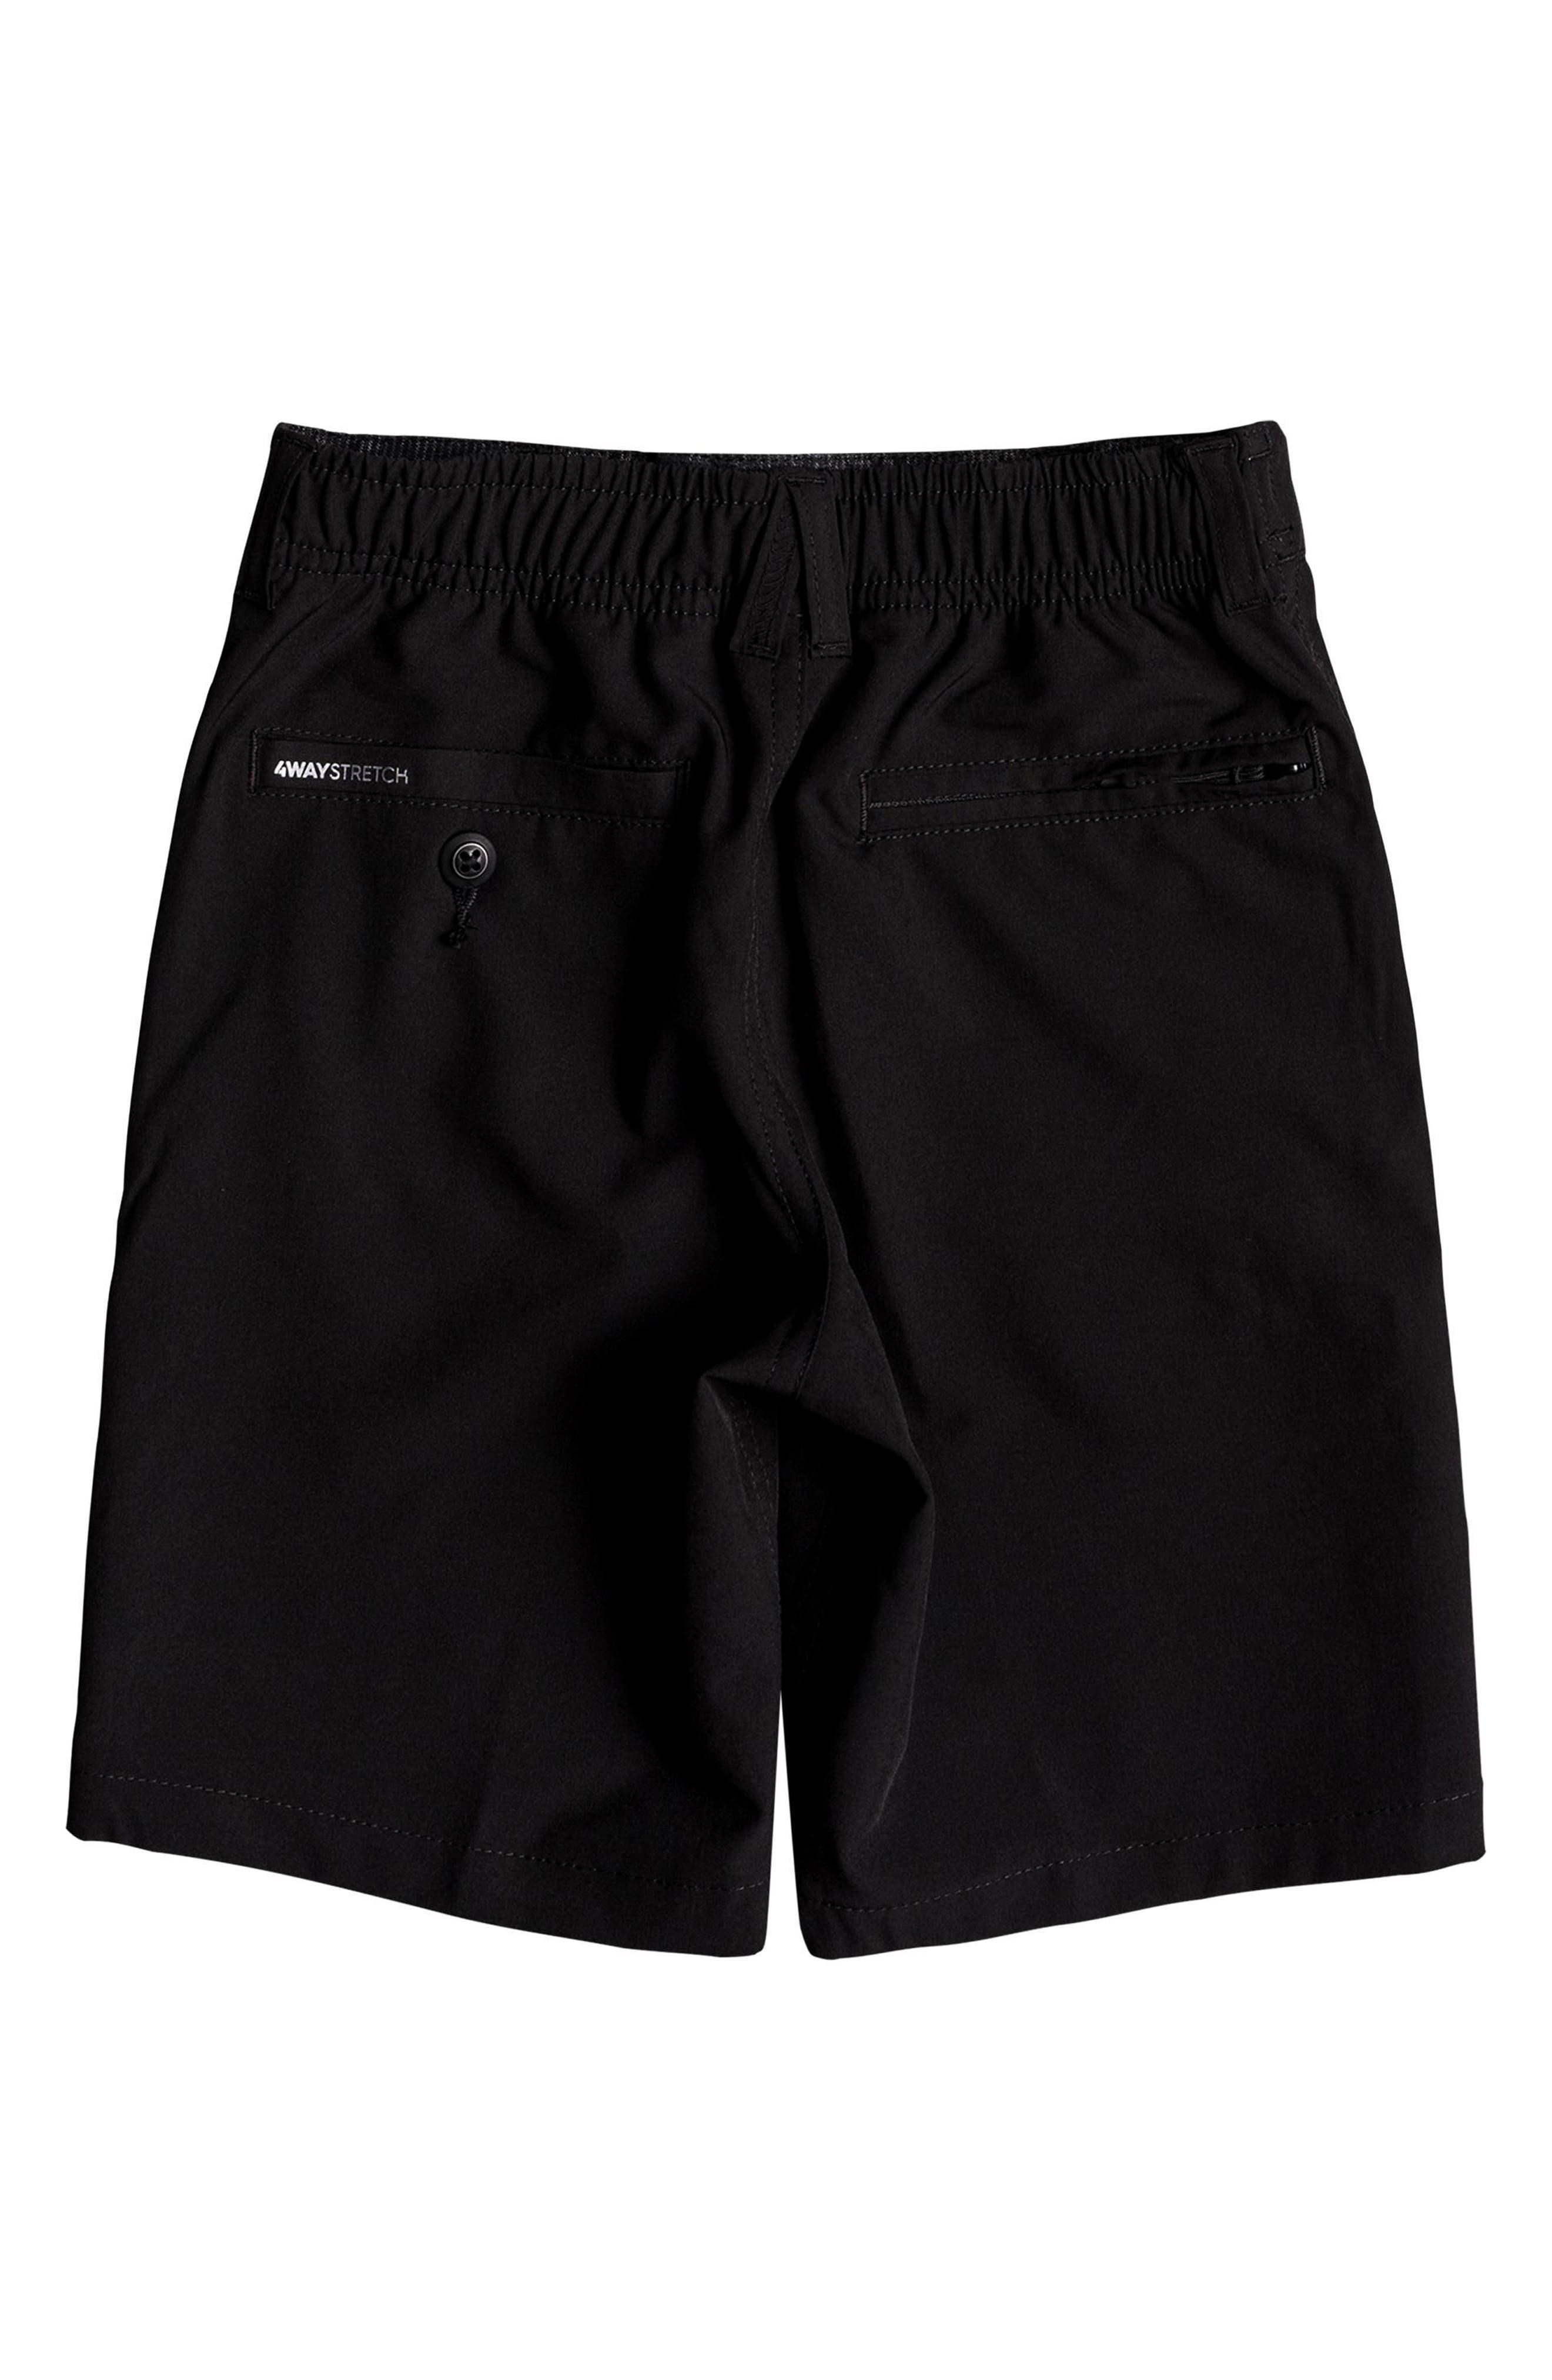 Union Amphibian Hybrid Shorts,                             Alternate thumbnail 2, color,                             BLACK